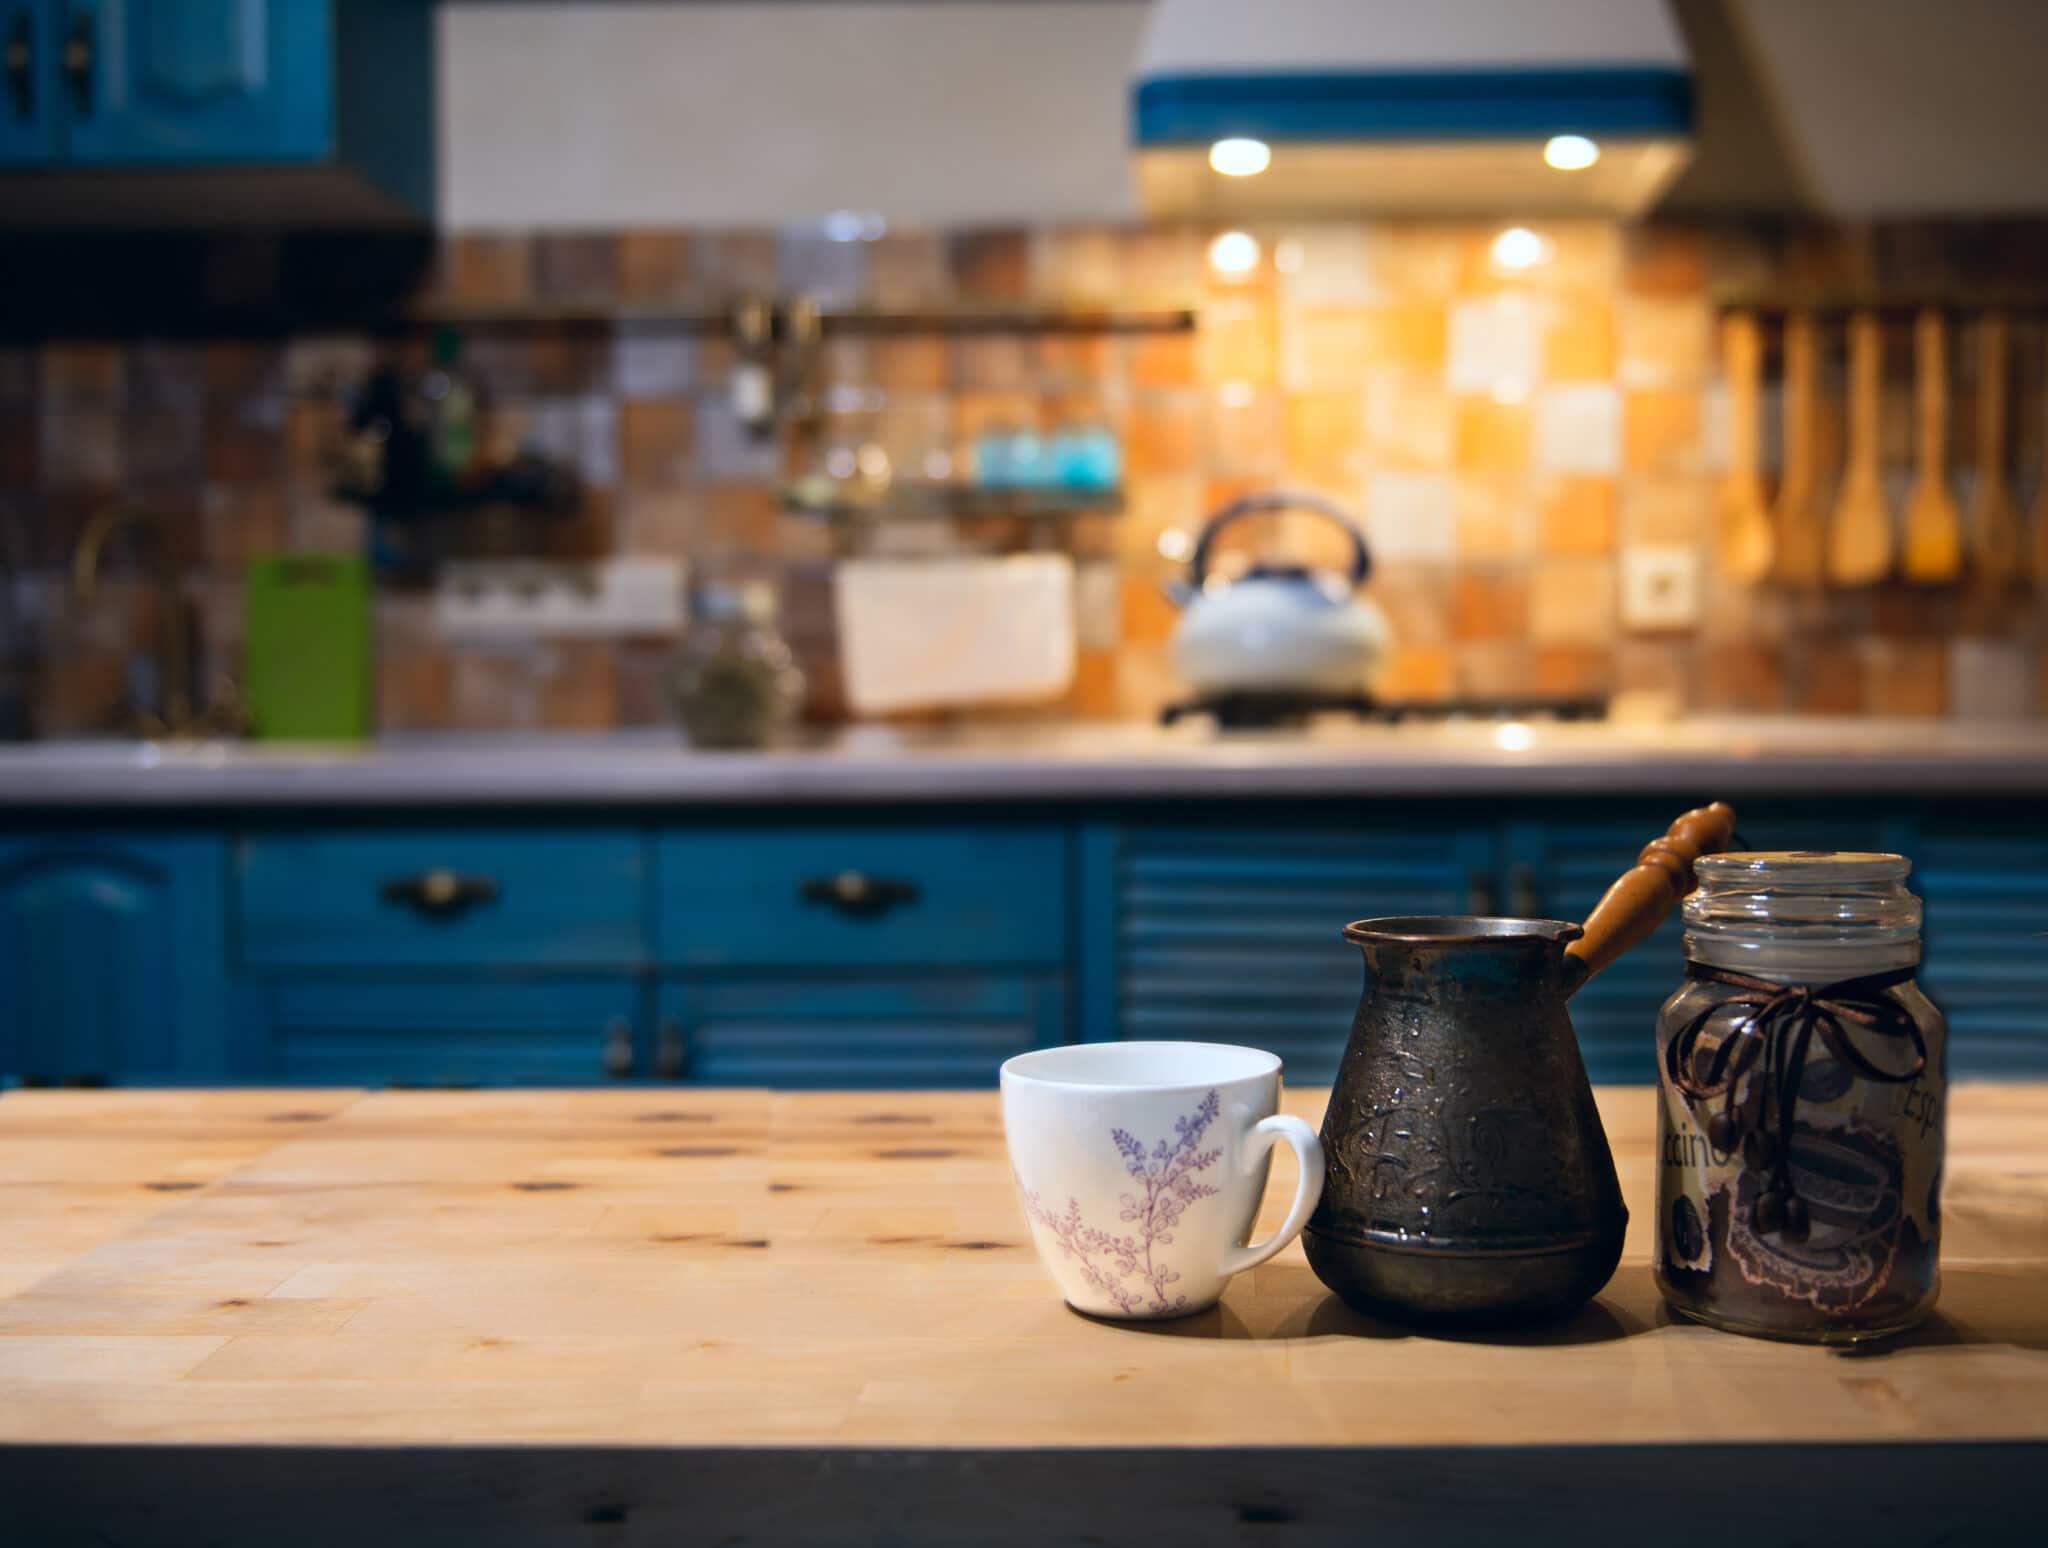 מטבחים מעץ רשתות מוכרות לעיצוב והרכבת מטבחים בעלי ניסיון רב עם מקצועיות ומיומנות ועם הרבה מוטיבציה שיודעים לספק פתרונות מגוונים לכל בית במקביל לשימוש בחומרים מעולים